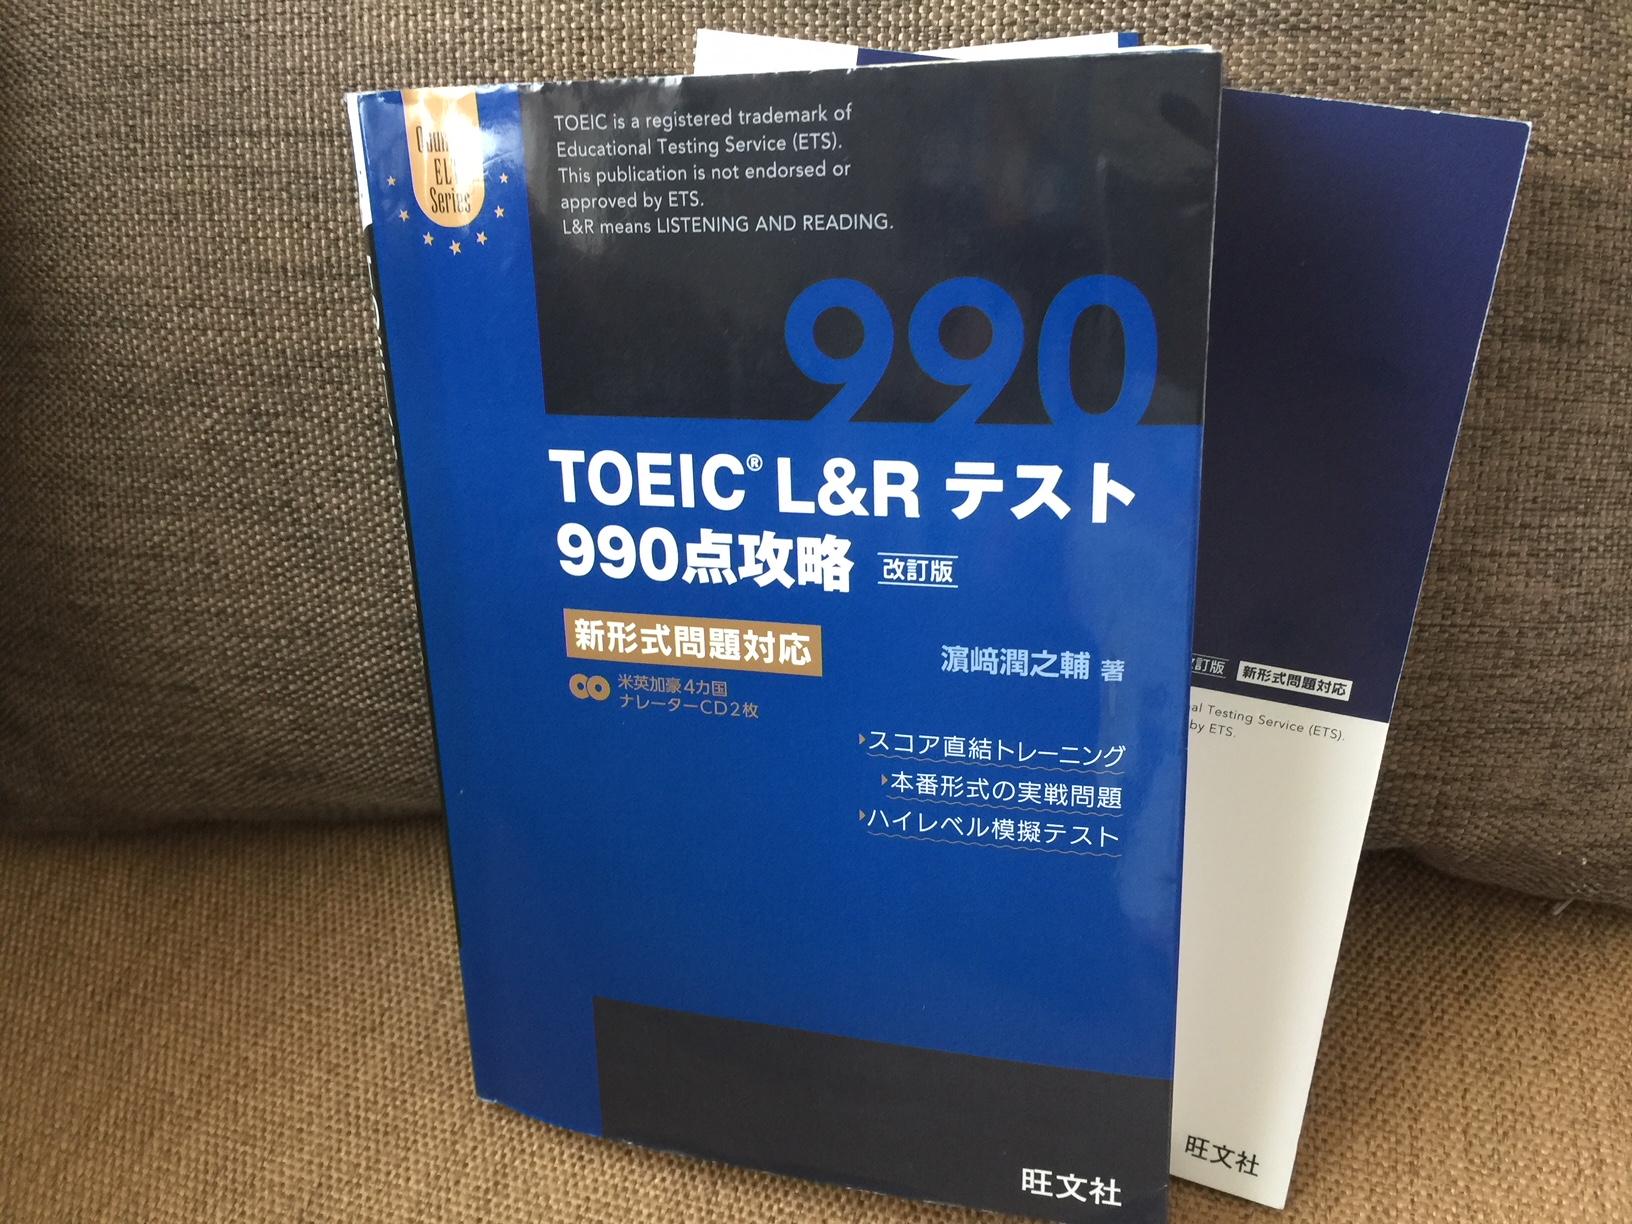 「TOEIC L&R テスト 990点攻略」の感想・レビュー②